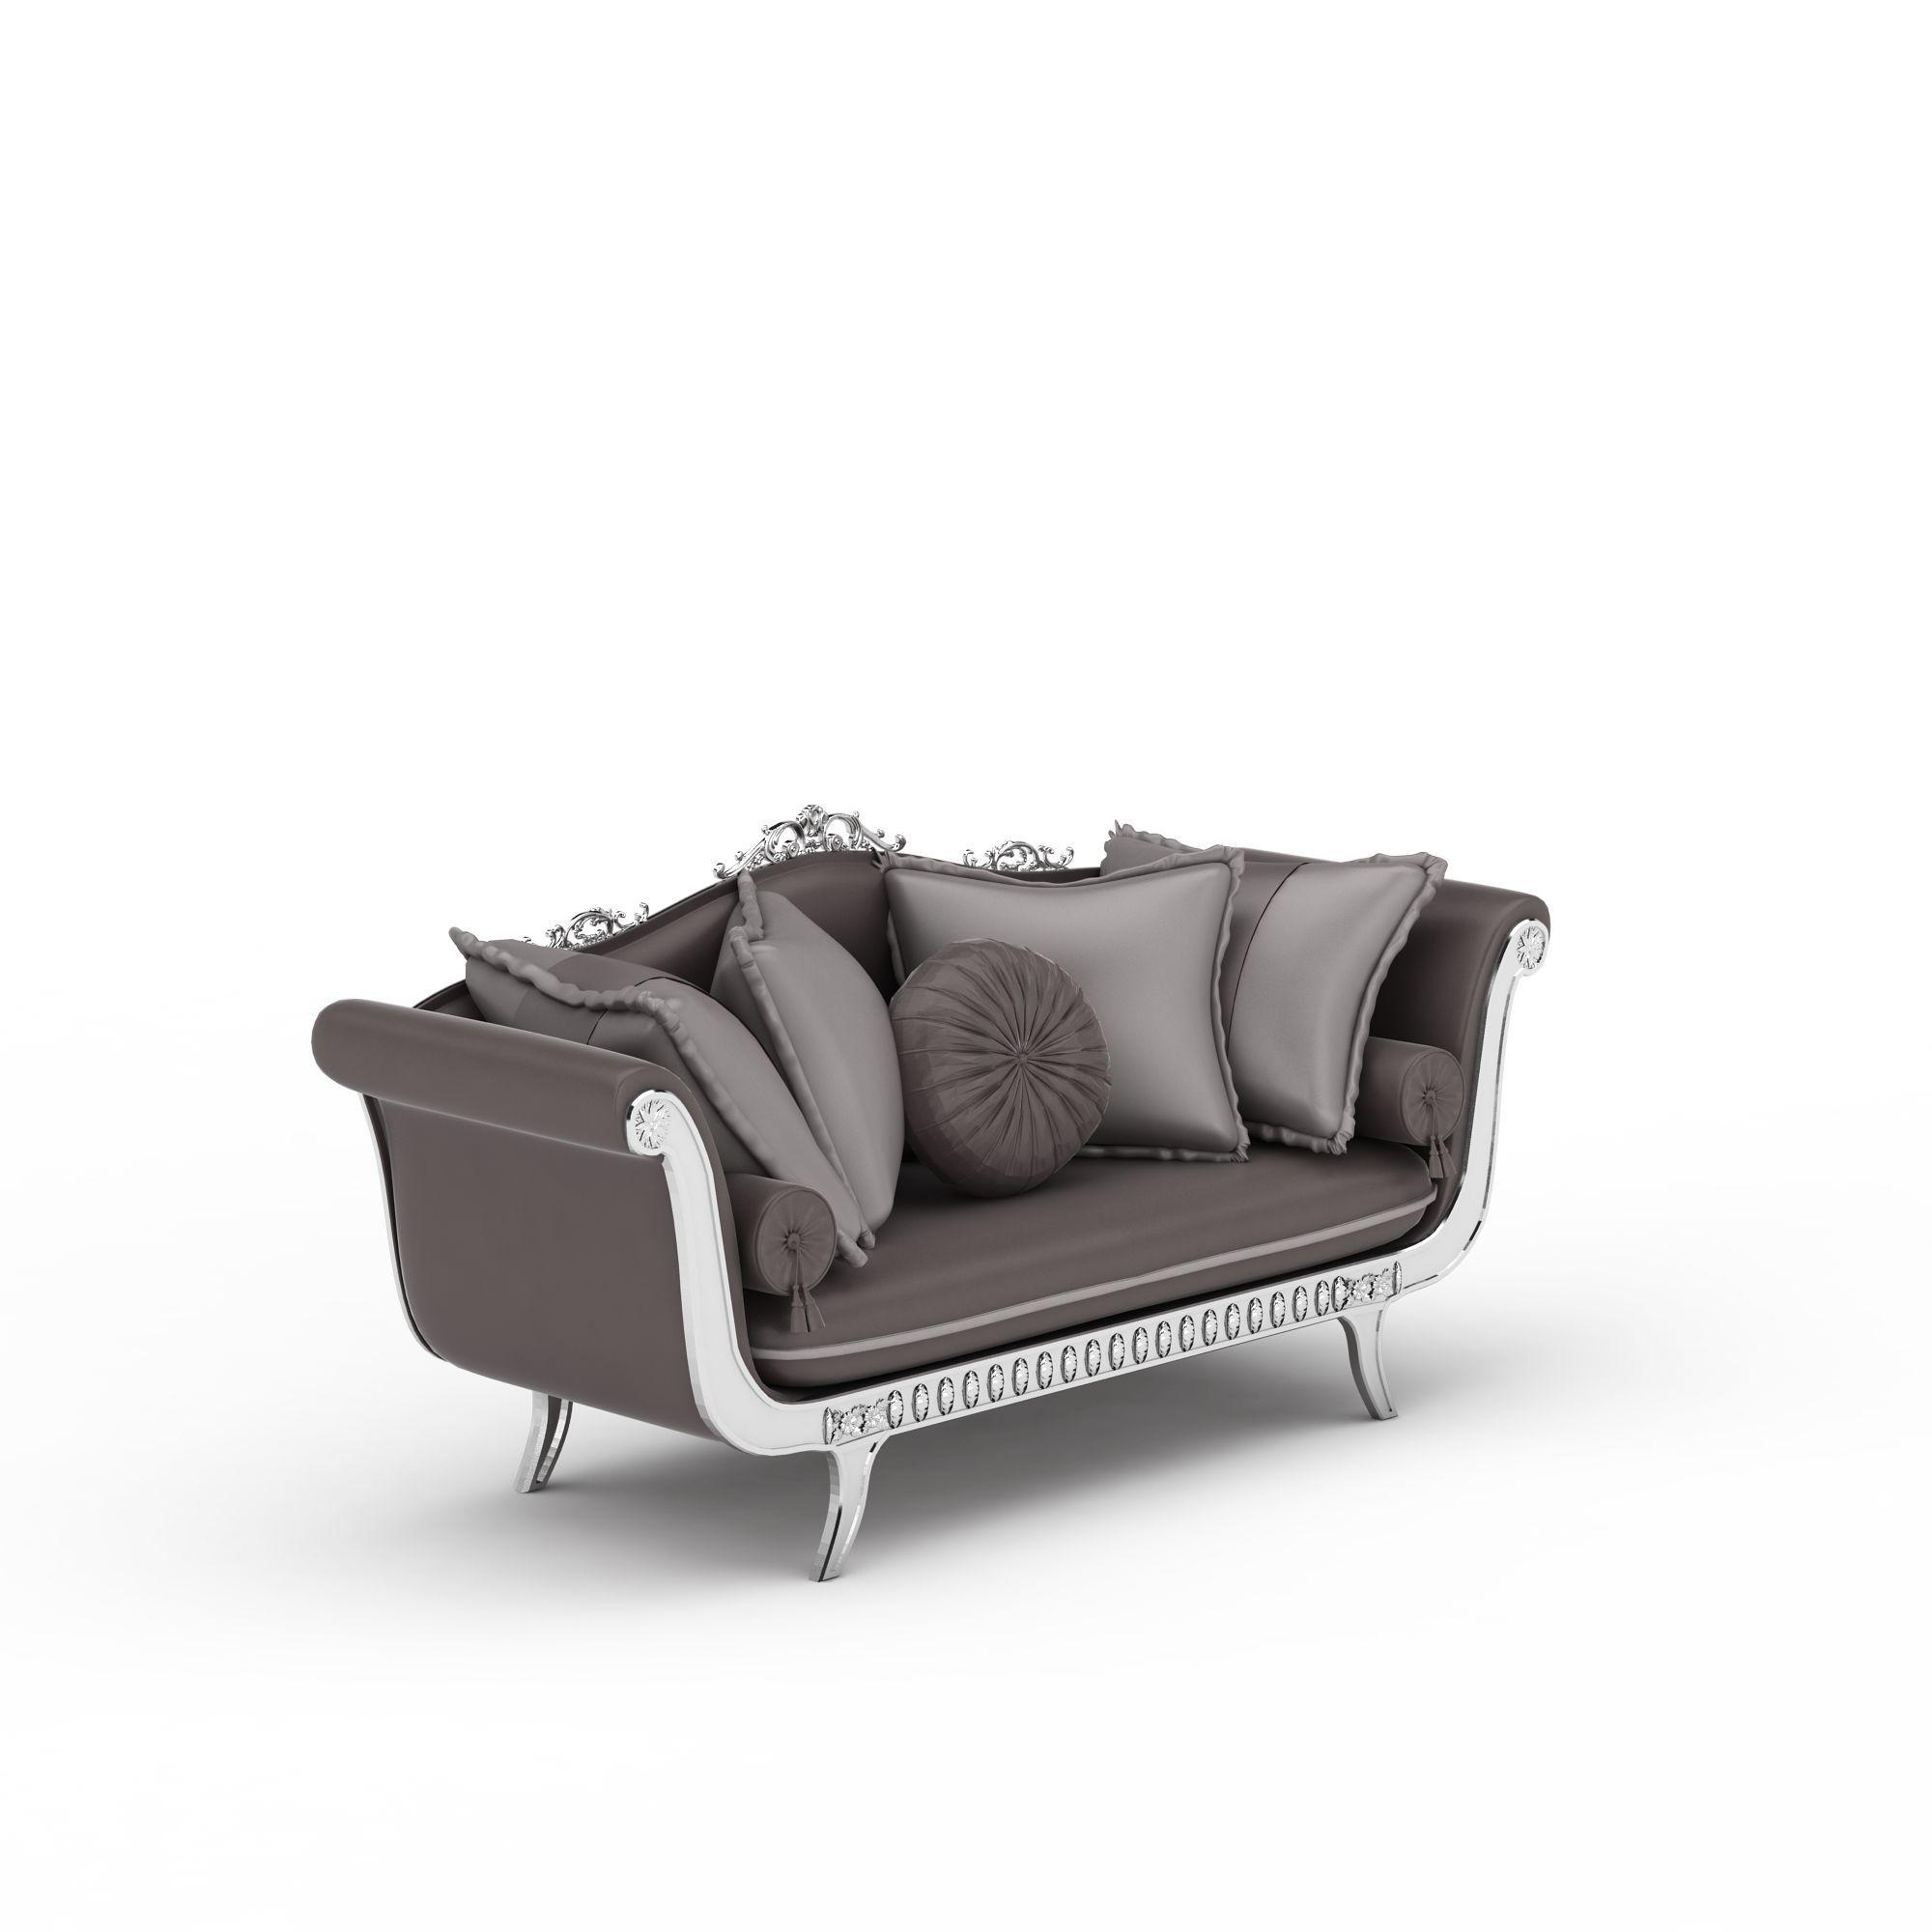 公主系欧式沙发图片_公主系欧式沙发png图片素材_公主